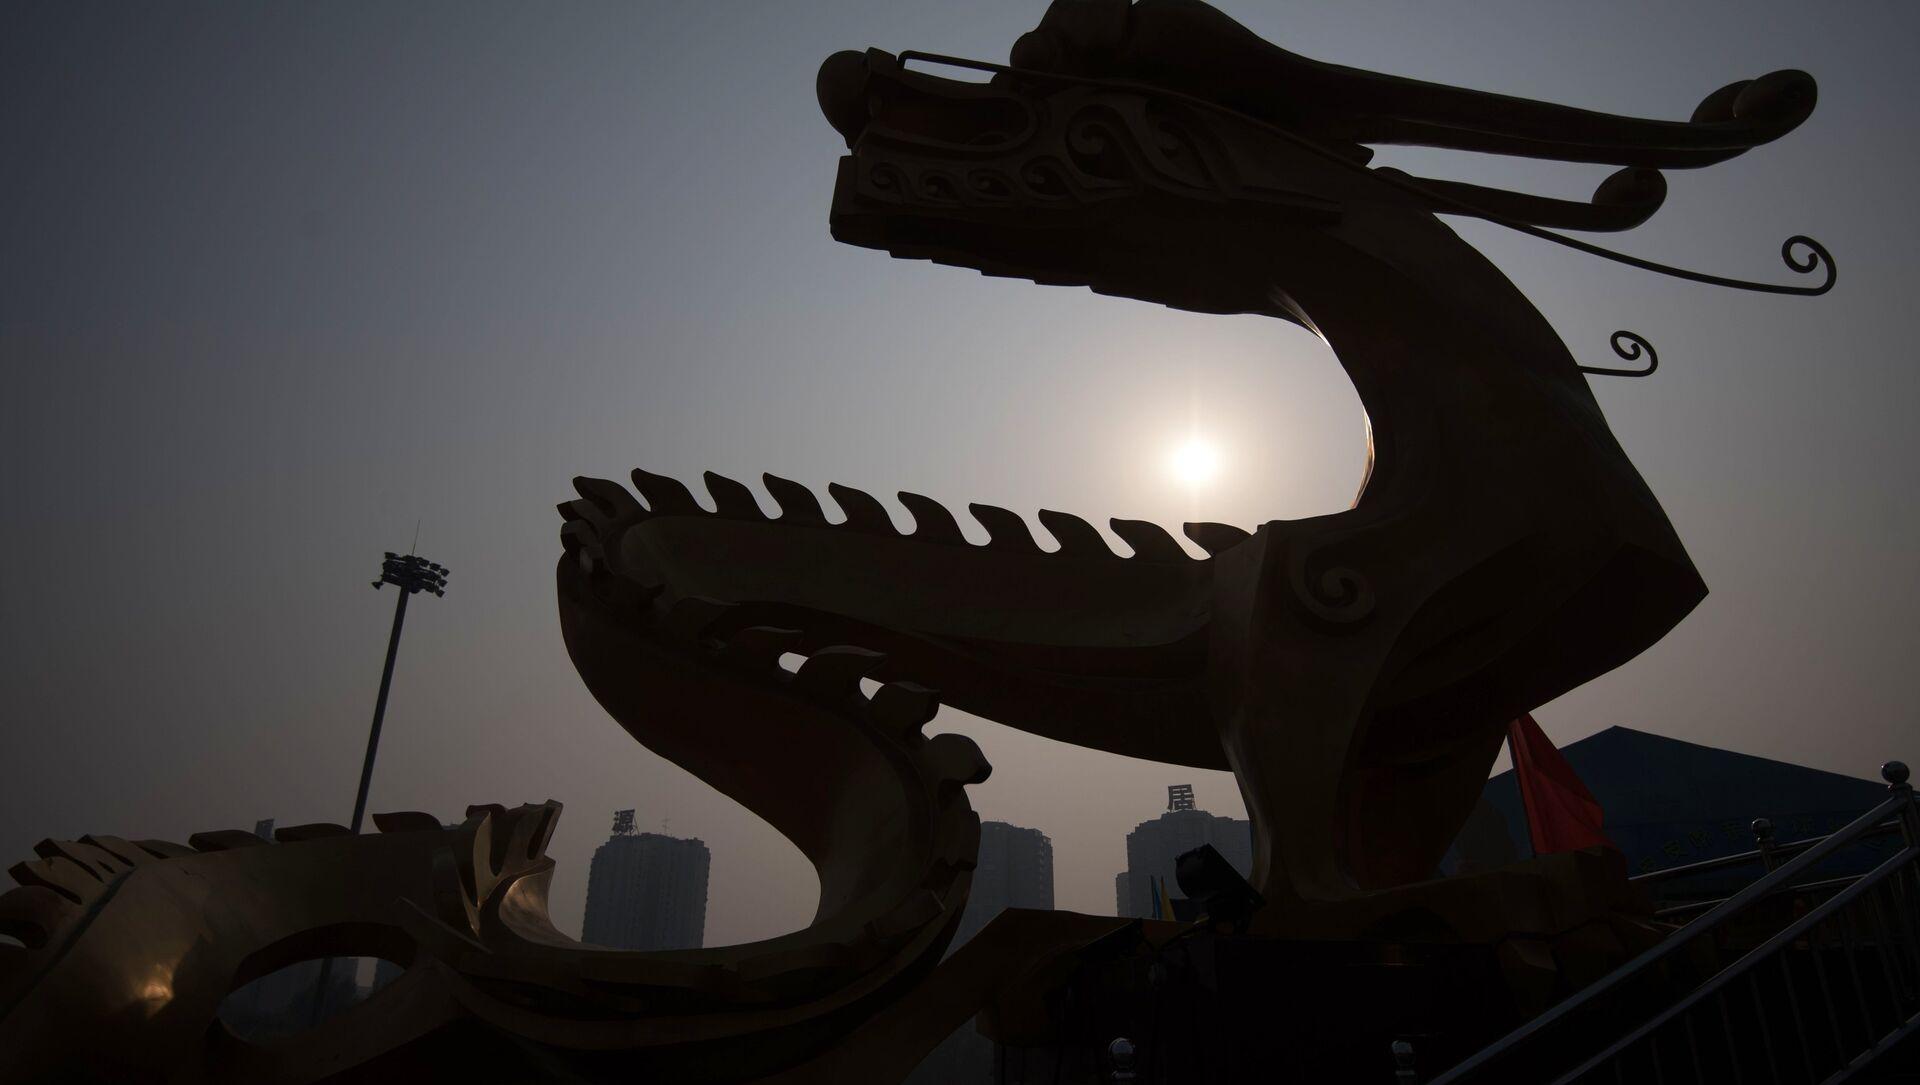 La scultura di un dragono a Pechino - Sputnik Italia, 1920, 13.04.2021